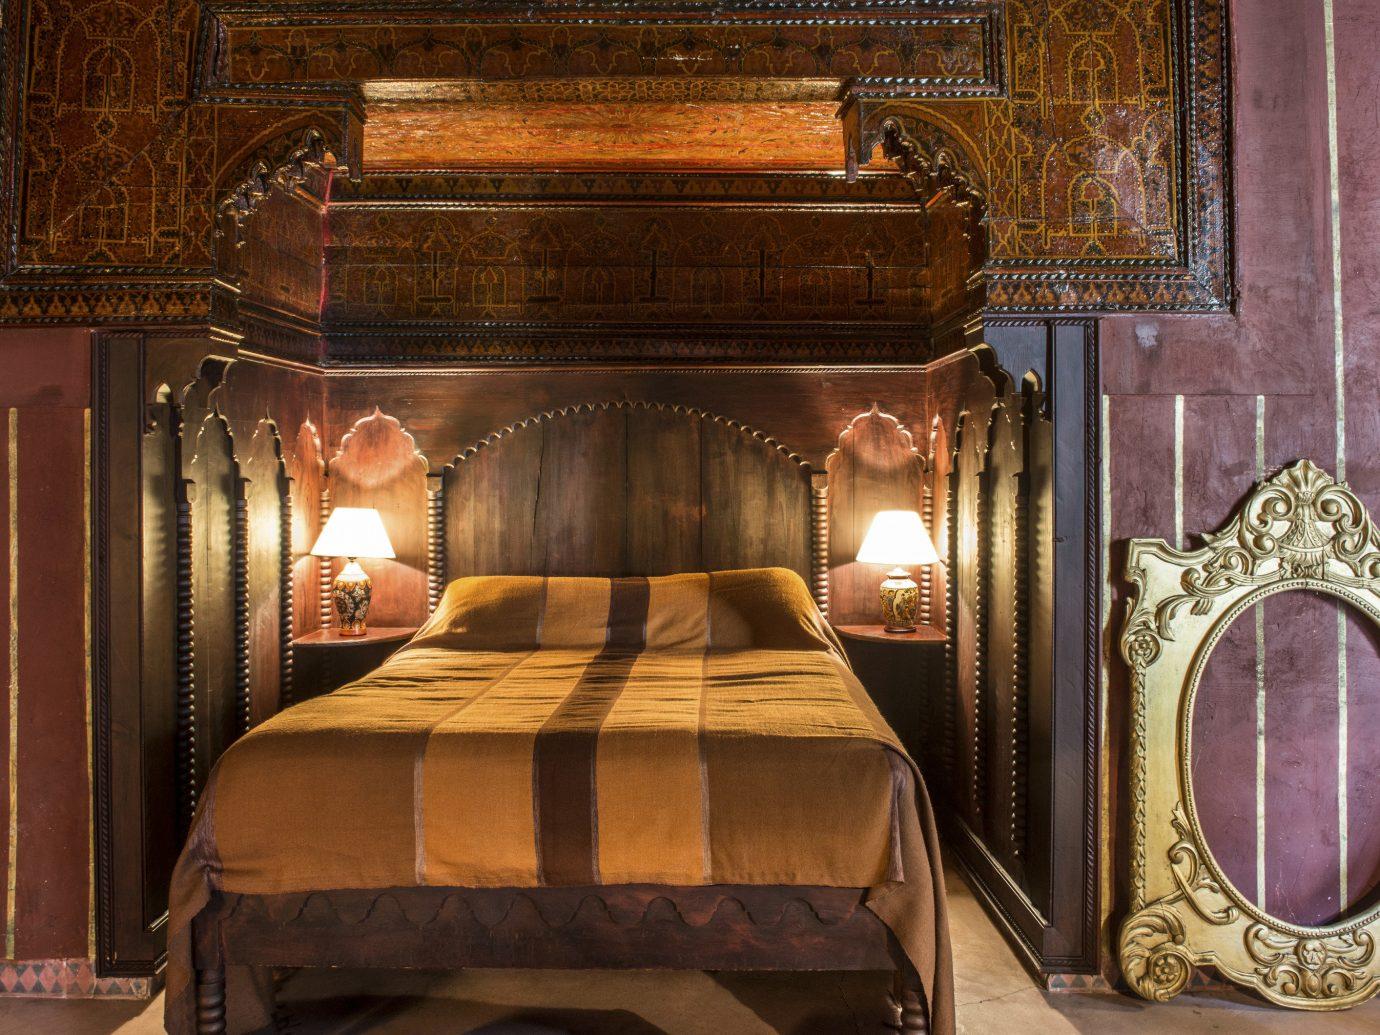 Hotels indoor room furniture interior design wood living room estate mansion Suite decorated altar